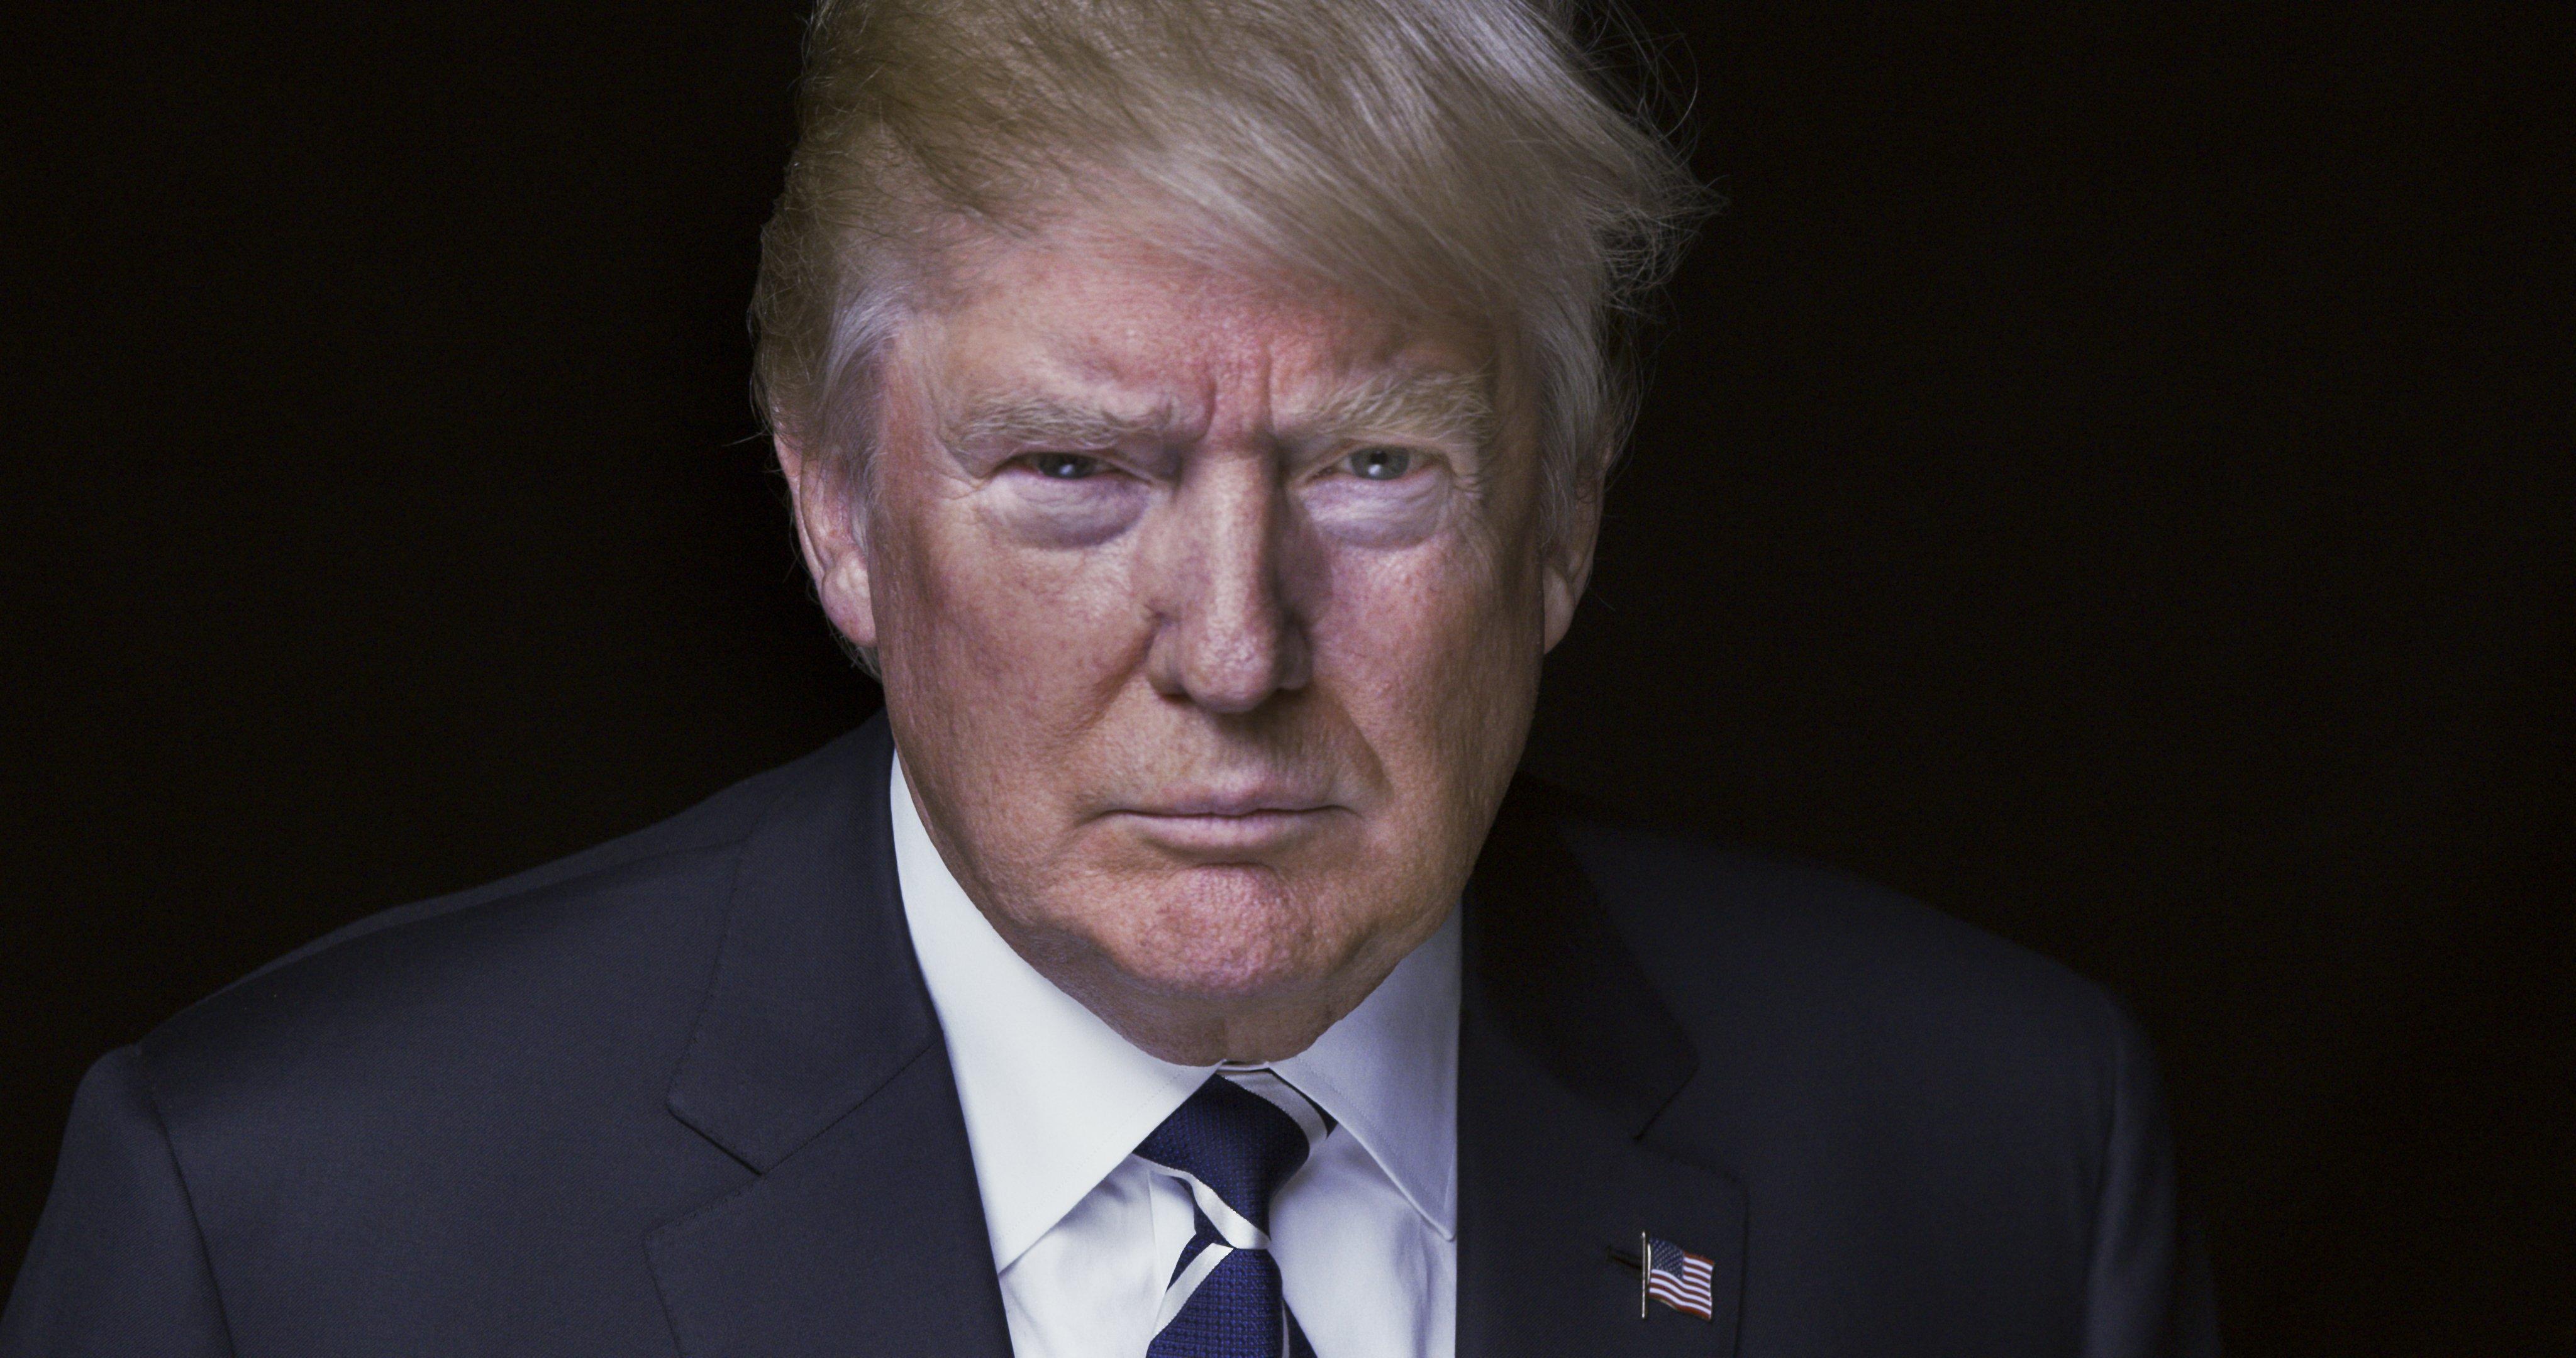 Jeb Bush: 'I Will Not Vote for Donald Trump or Hillary Clinton'